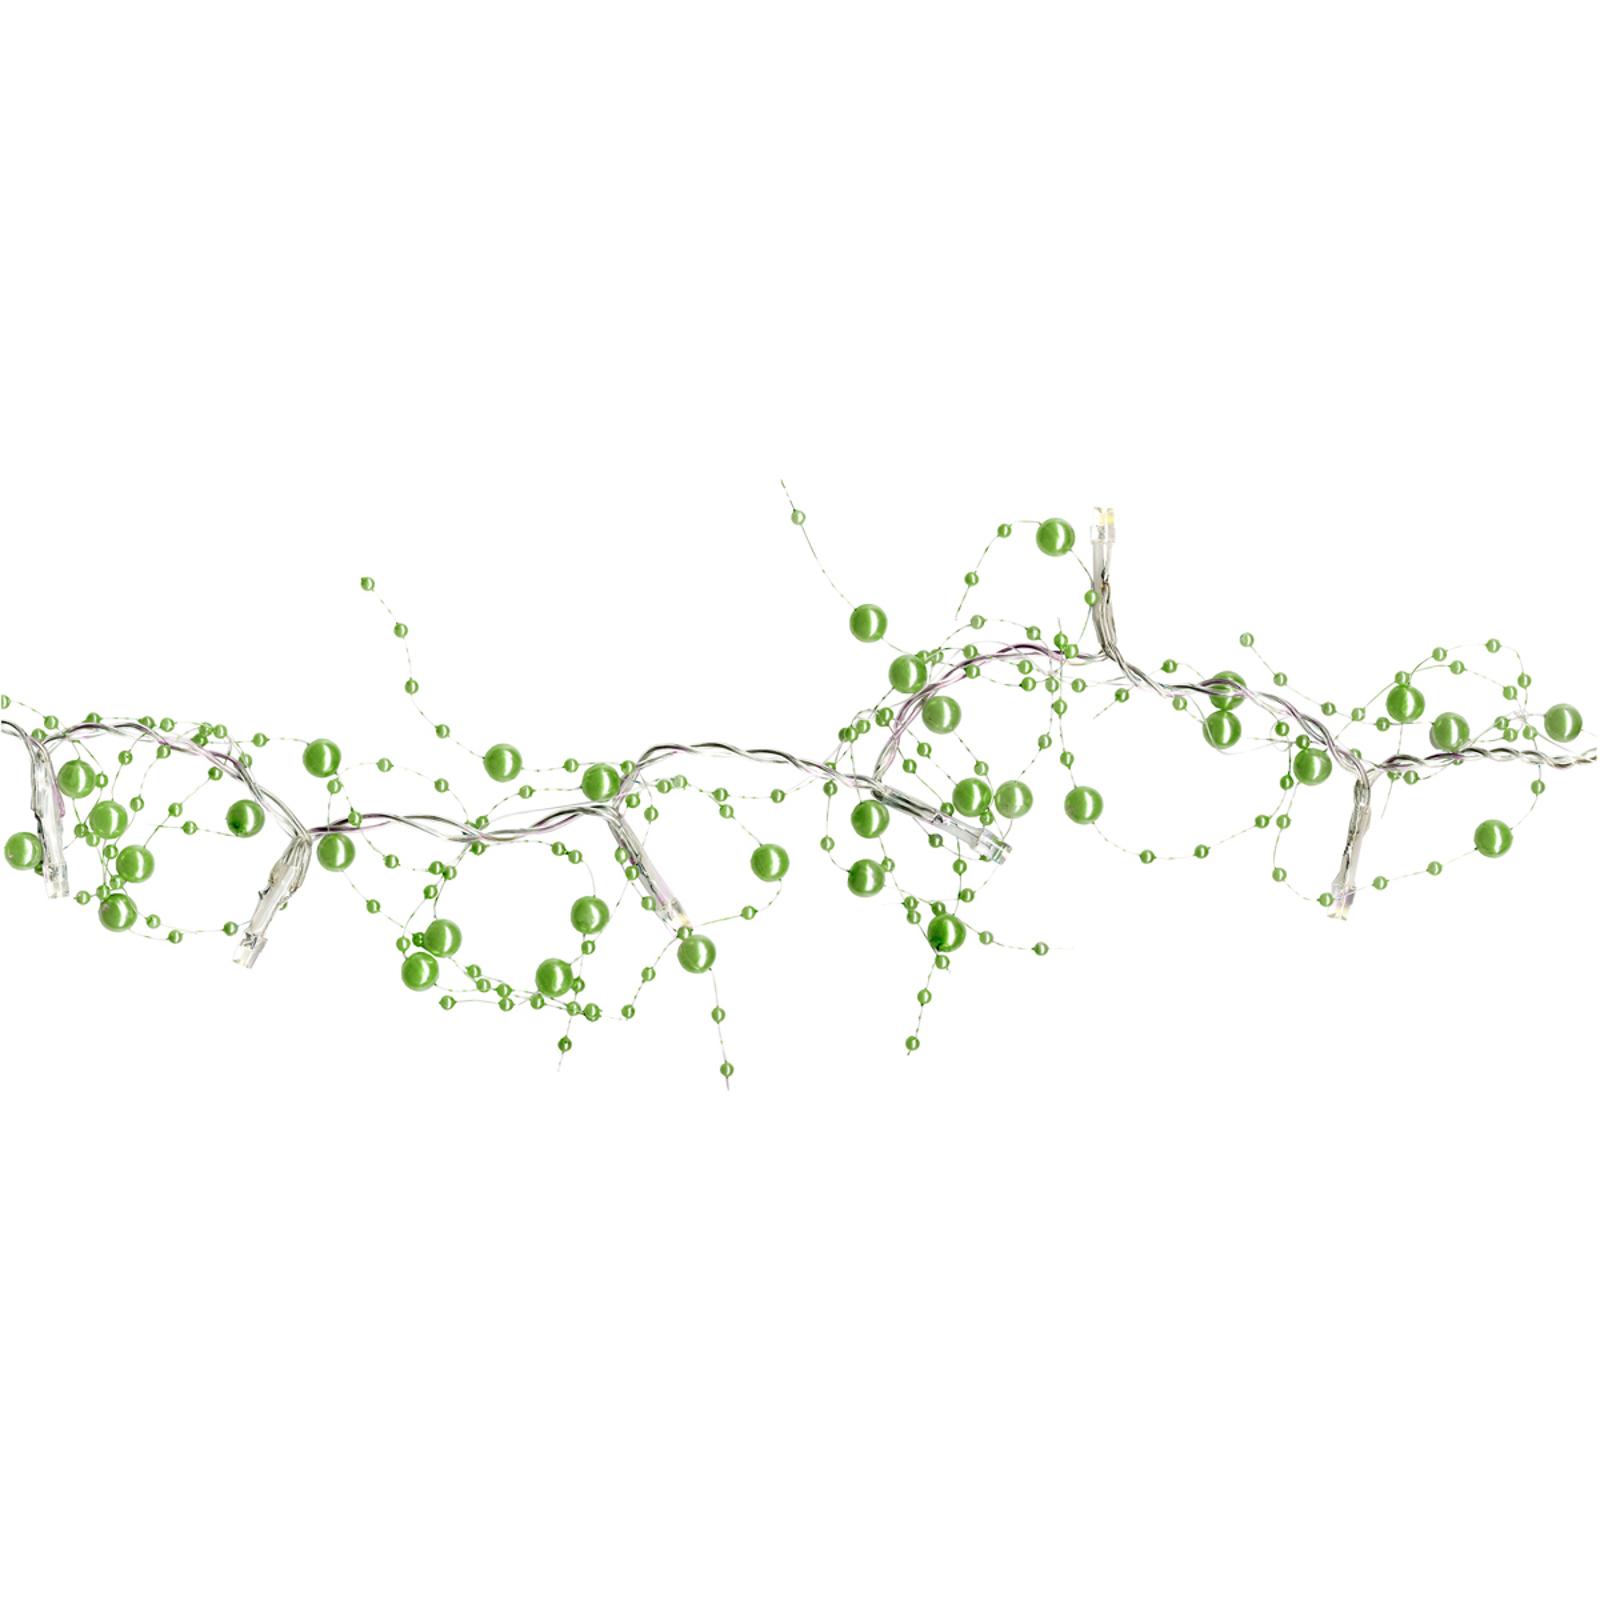 Grüne LED-Lichterkette Pärla Garland